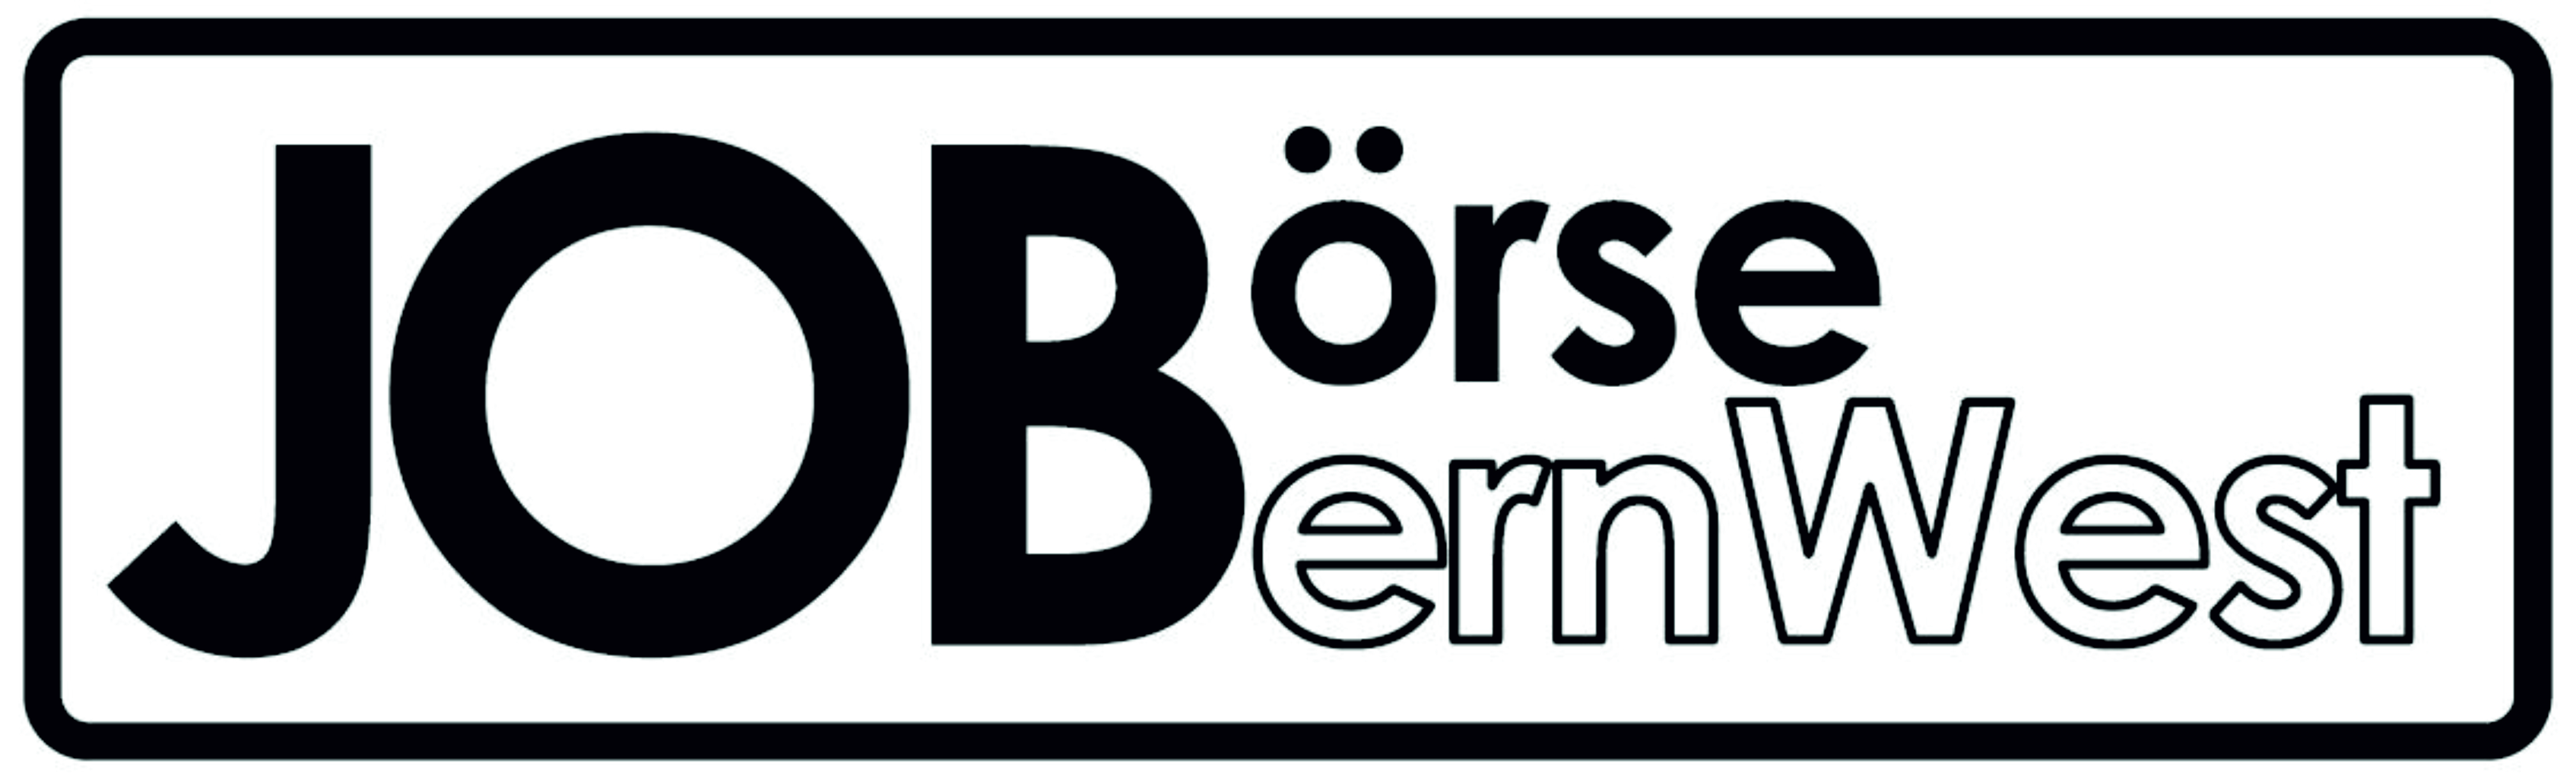 Jobbörse Bern-West